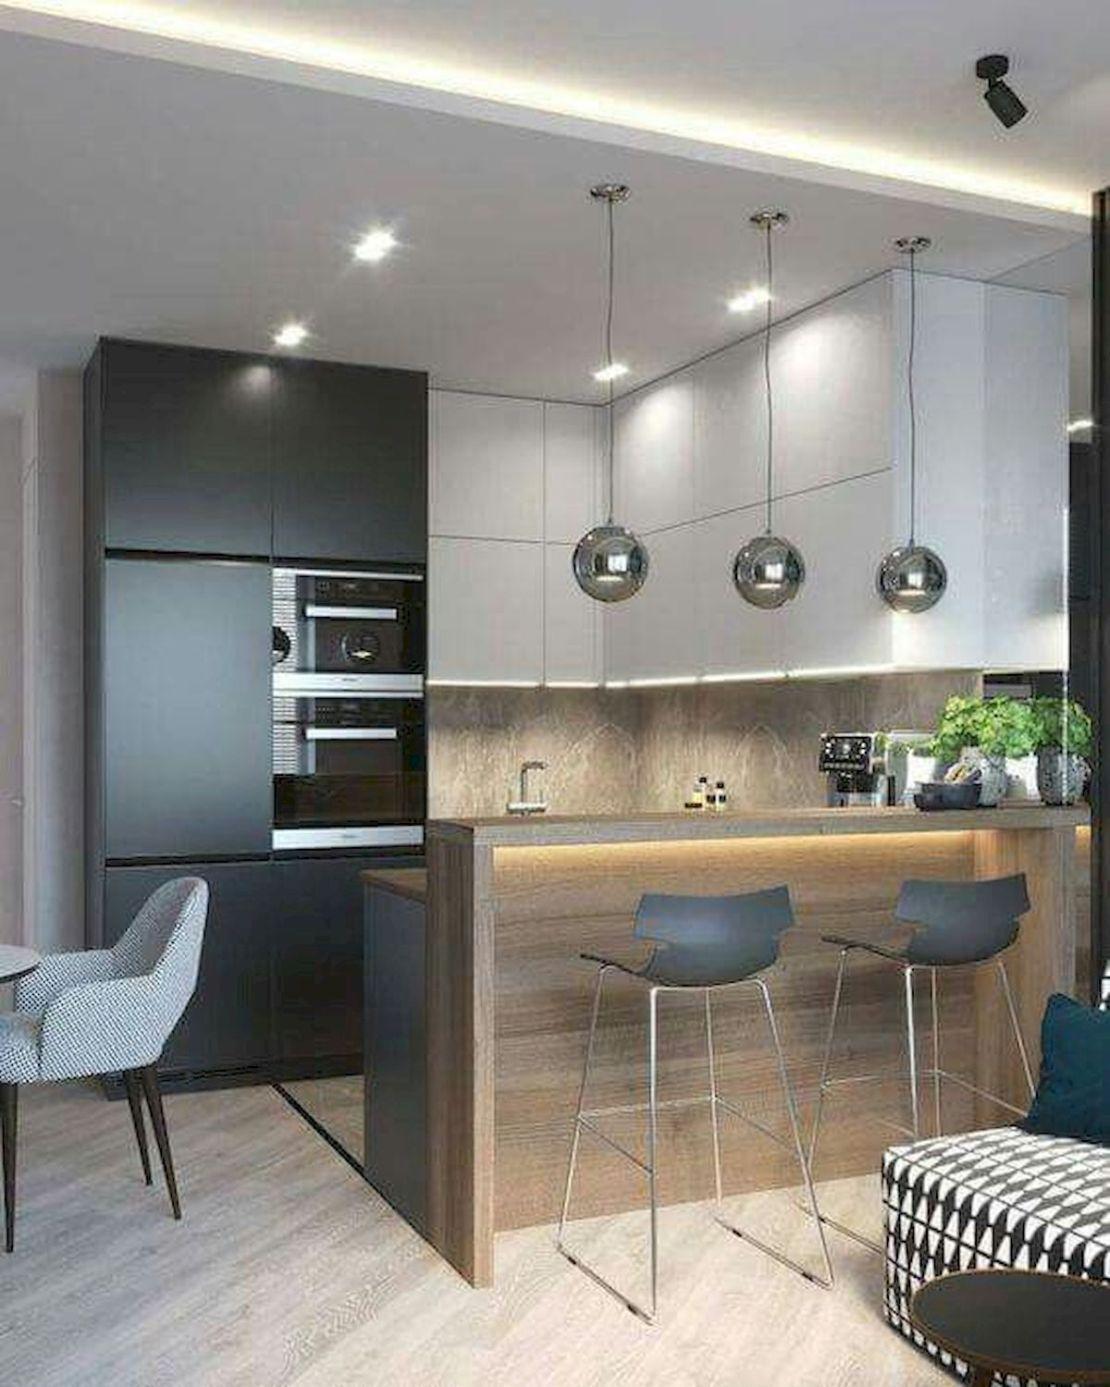 30 Minimalist But Luxurious Kitchen Design 6 Jihanshanum Luxury Kitchens Design Jihanshanu In 2020 Modern Kitchen Set Small Modern Kitchens Modern Kitchen Interiors